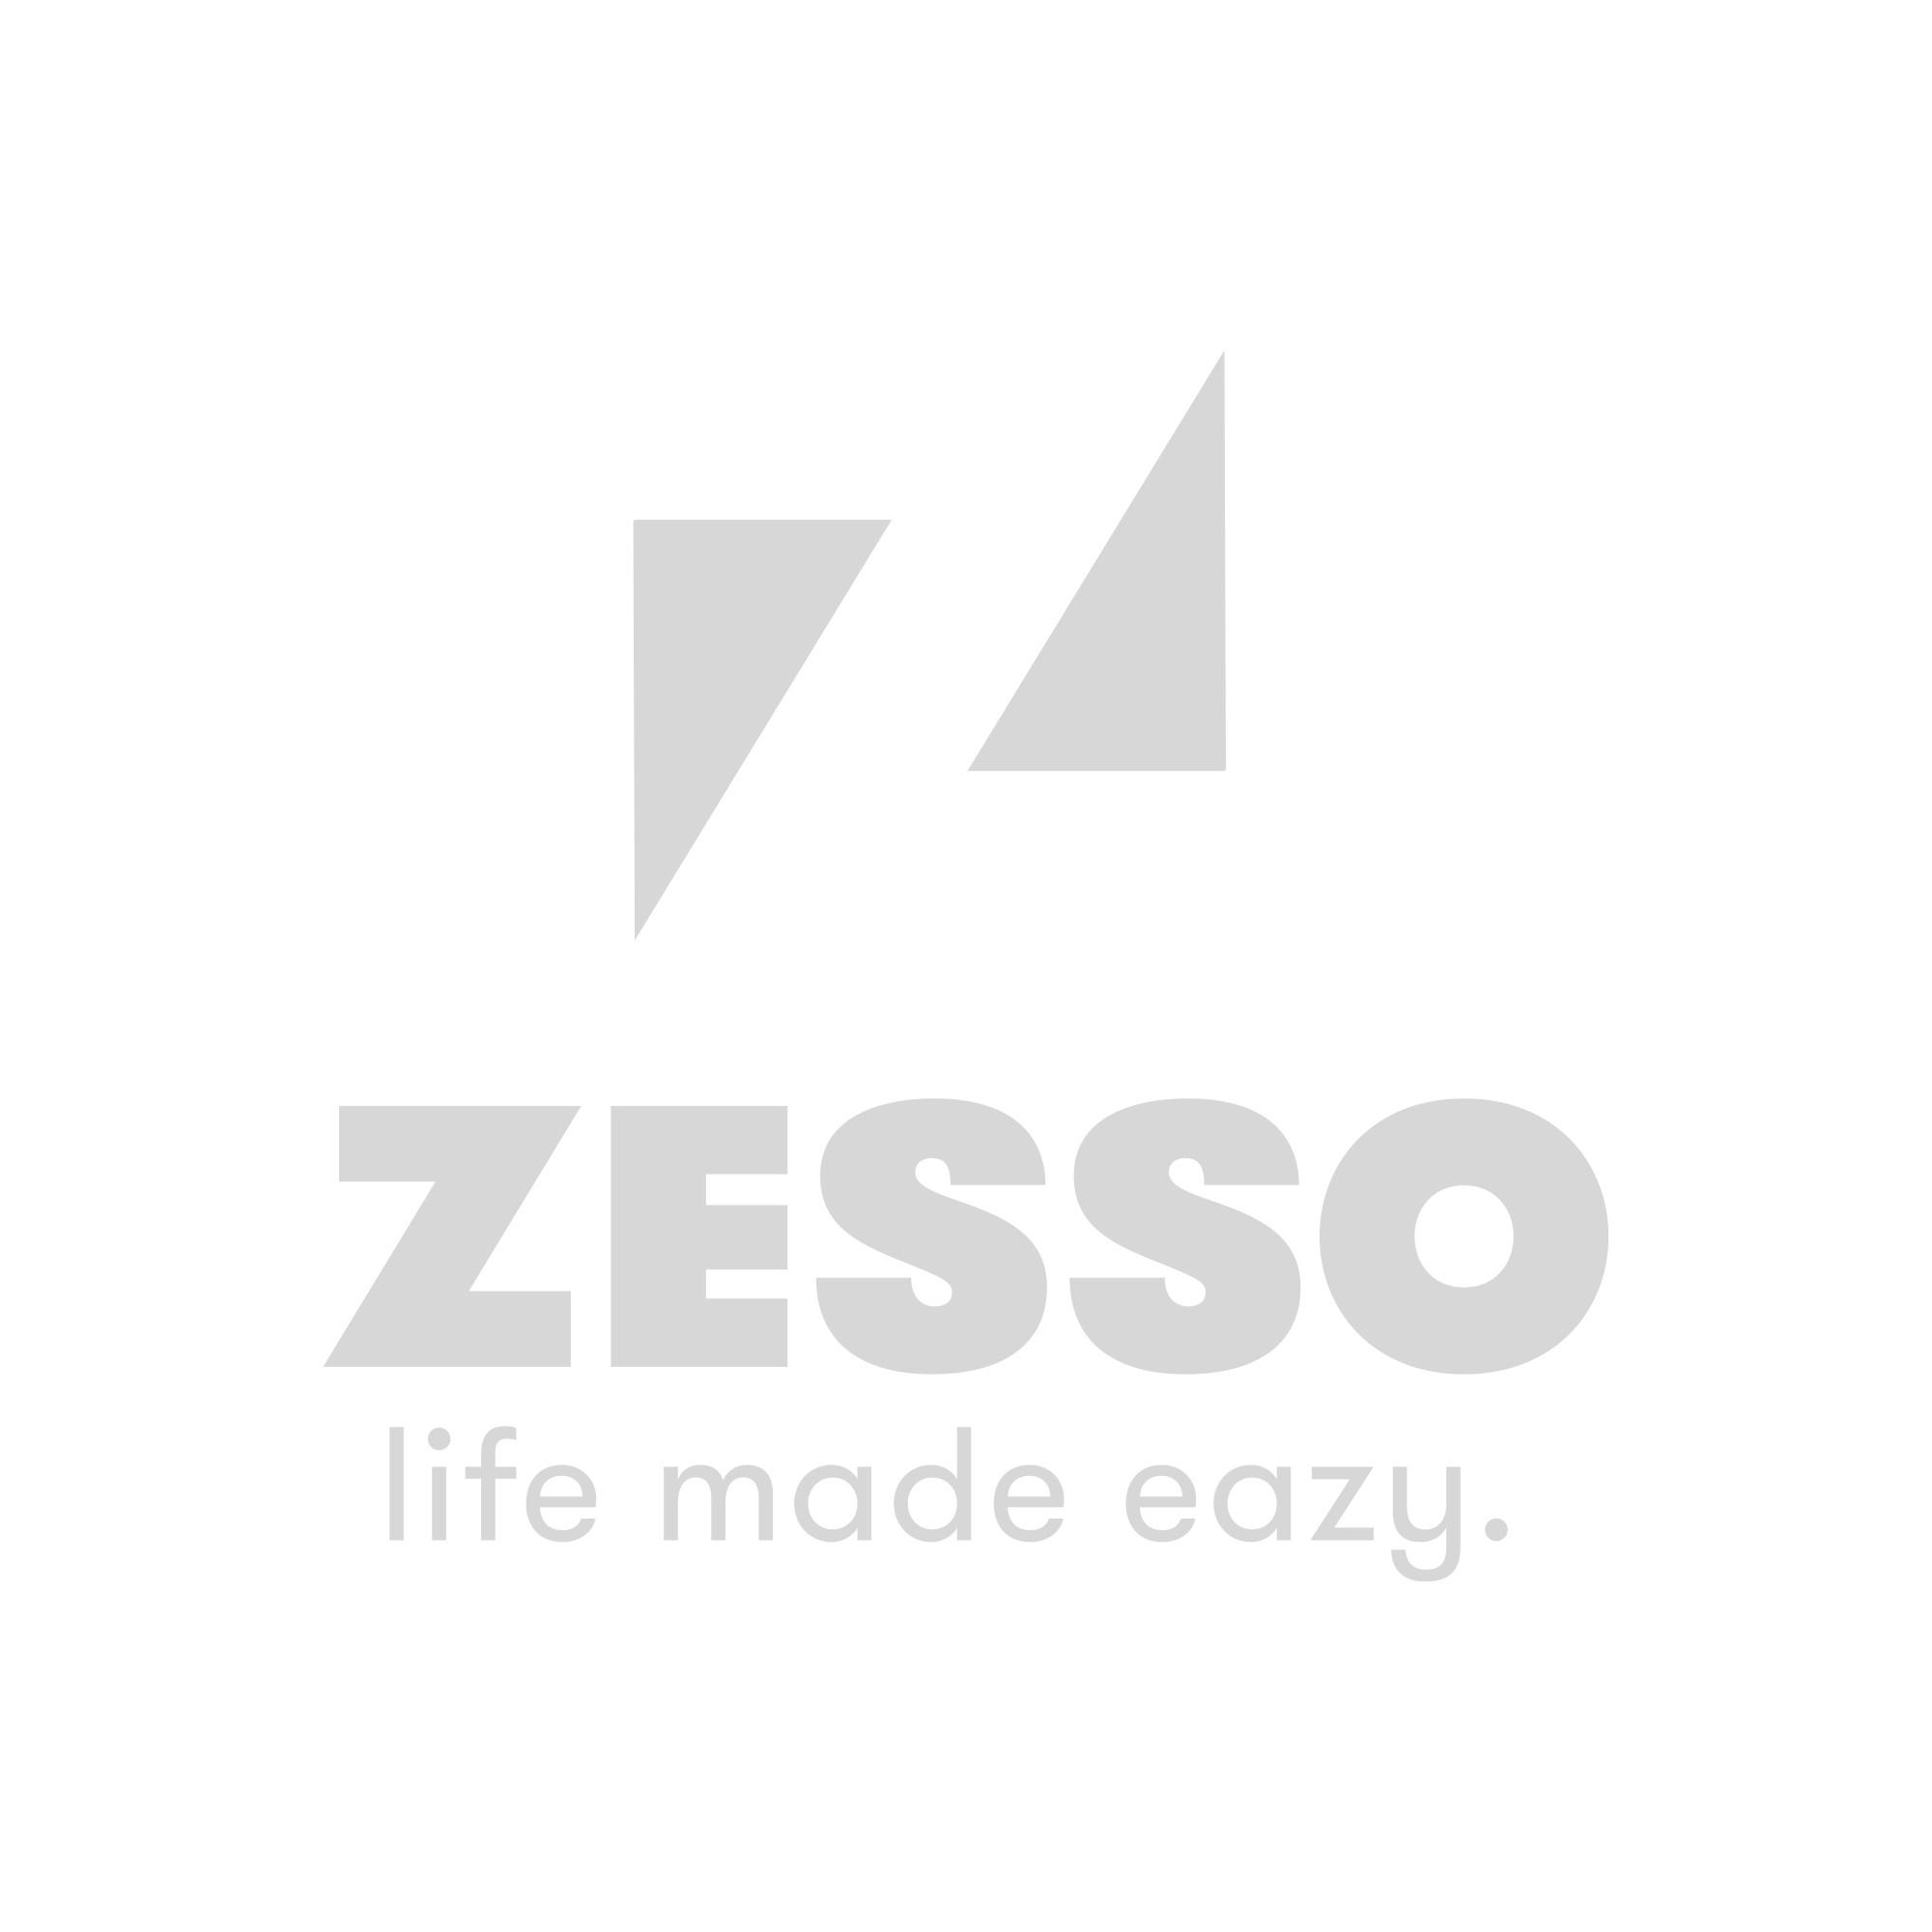 Babymoov Sterilisator & Flessendroger Turbo Pure